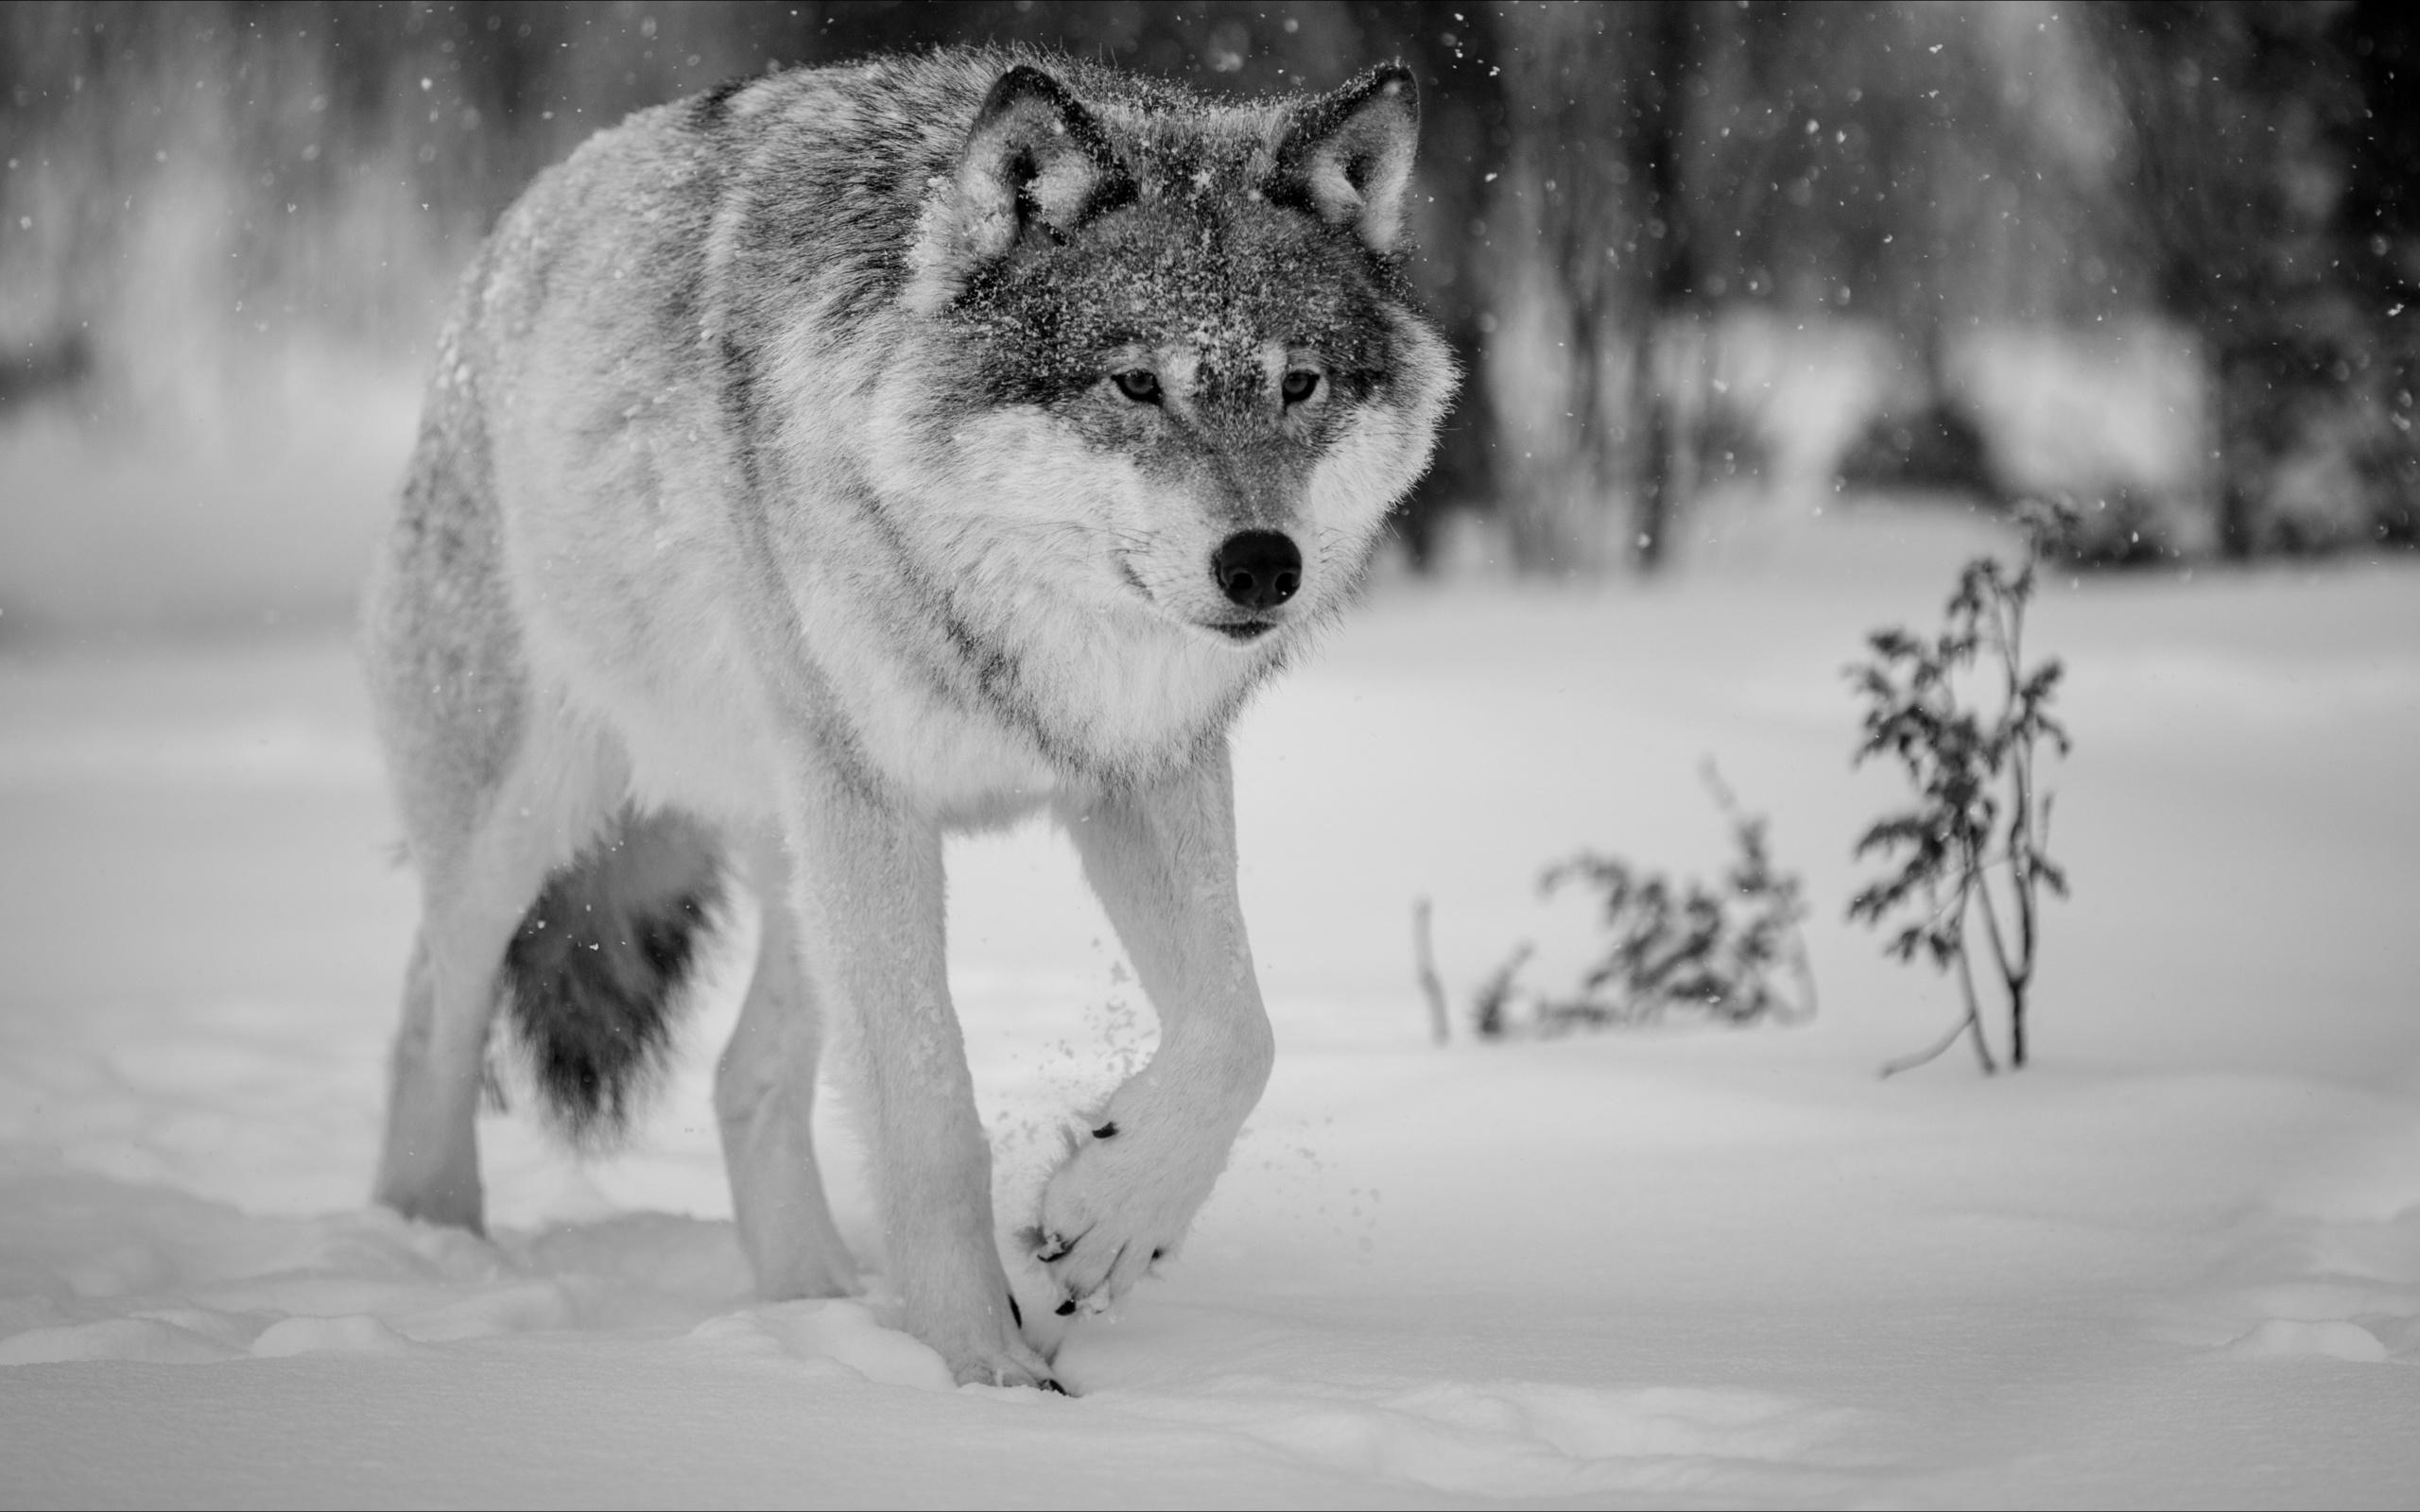 маникюр фото зимние картинки с волками своему предыдущему